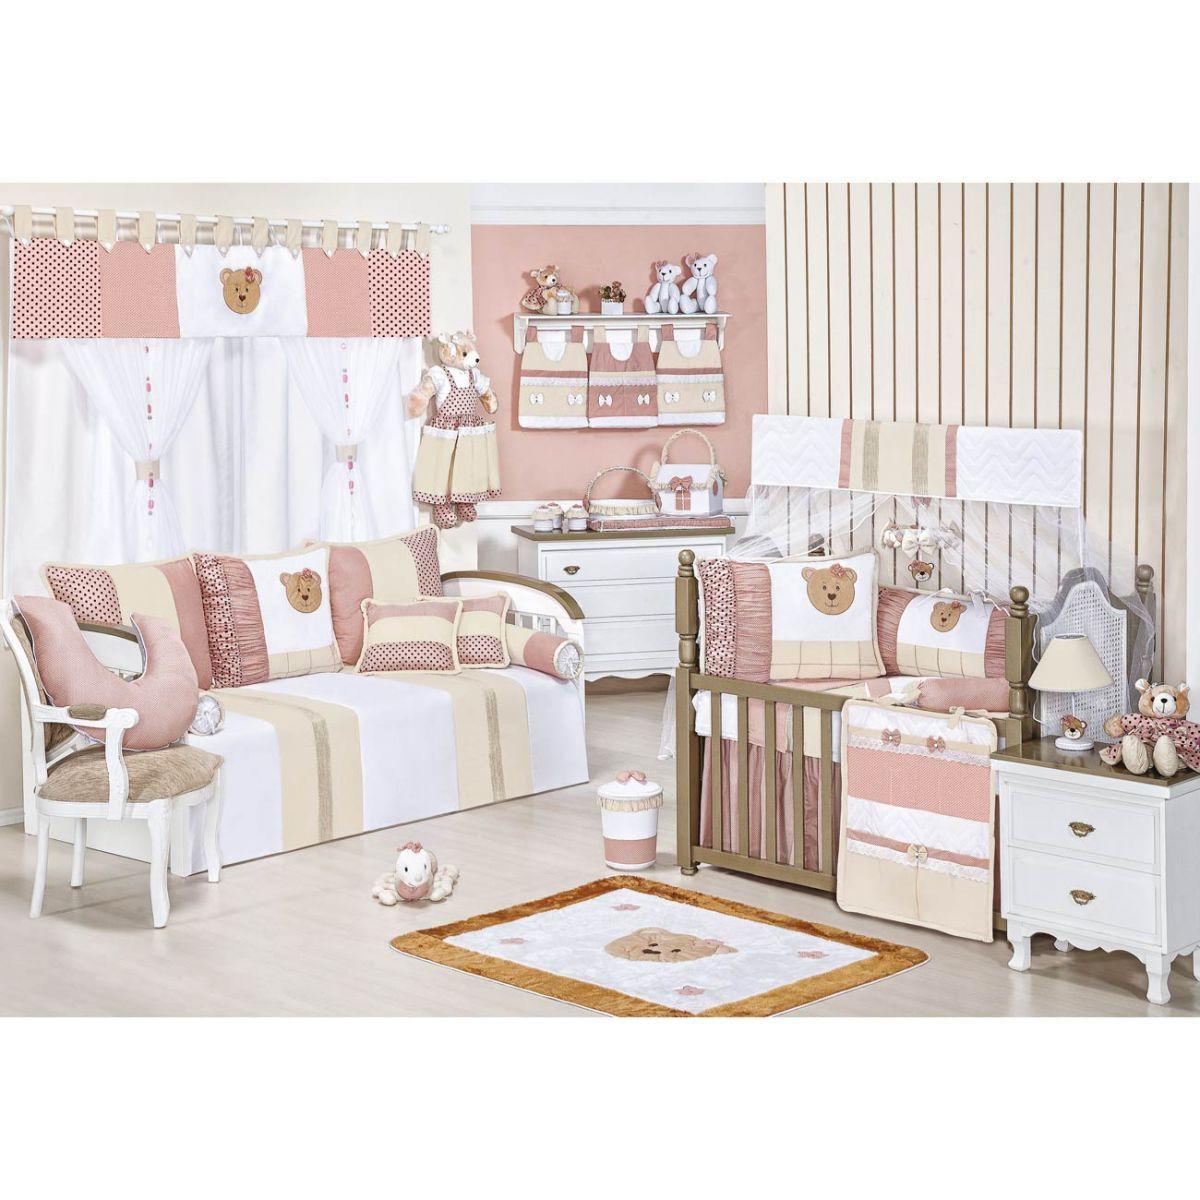 Lixeira Enfeitada p/ Quarto de Bebê - Coleção Aurora